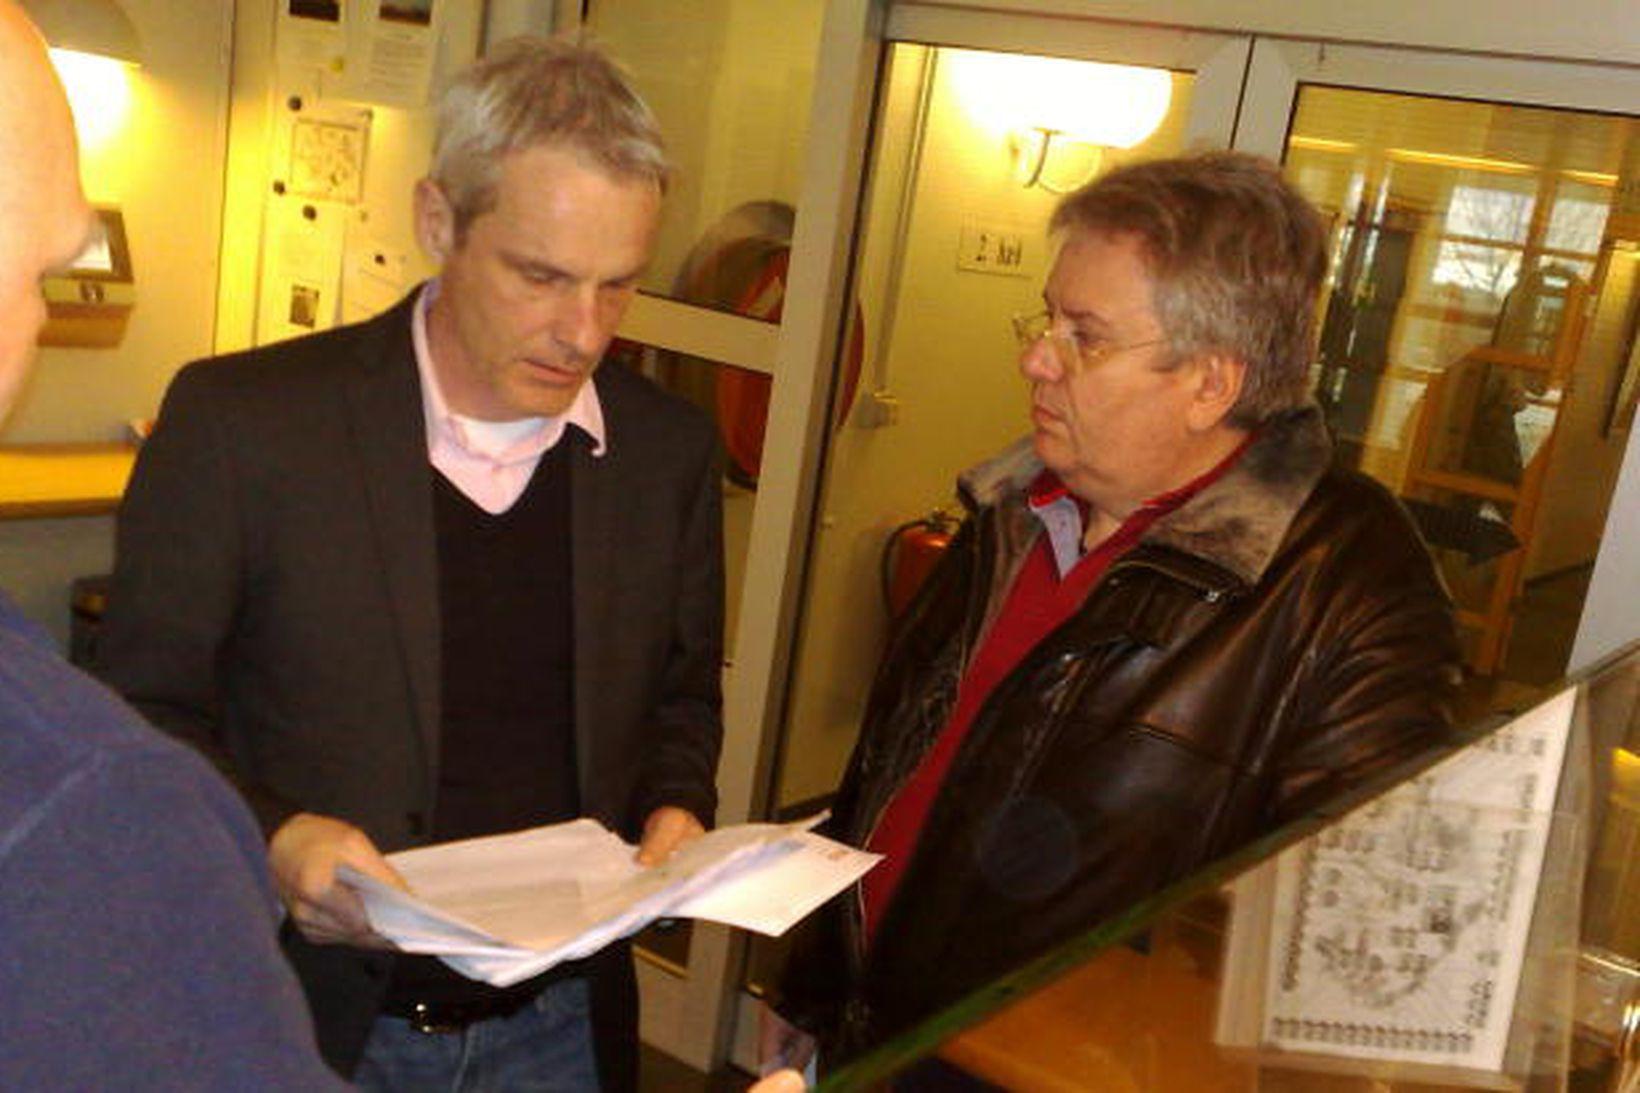 Björn Malmqvist tók við listunum úr hendi Ástþórs.